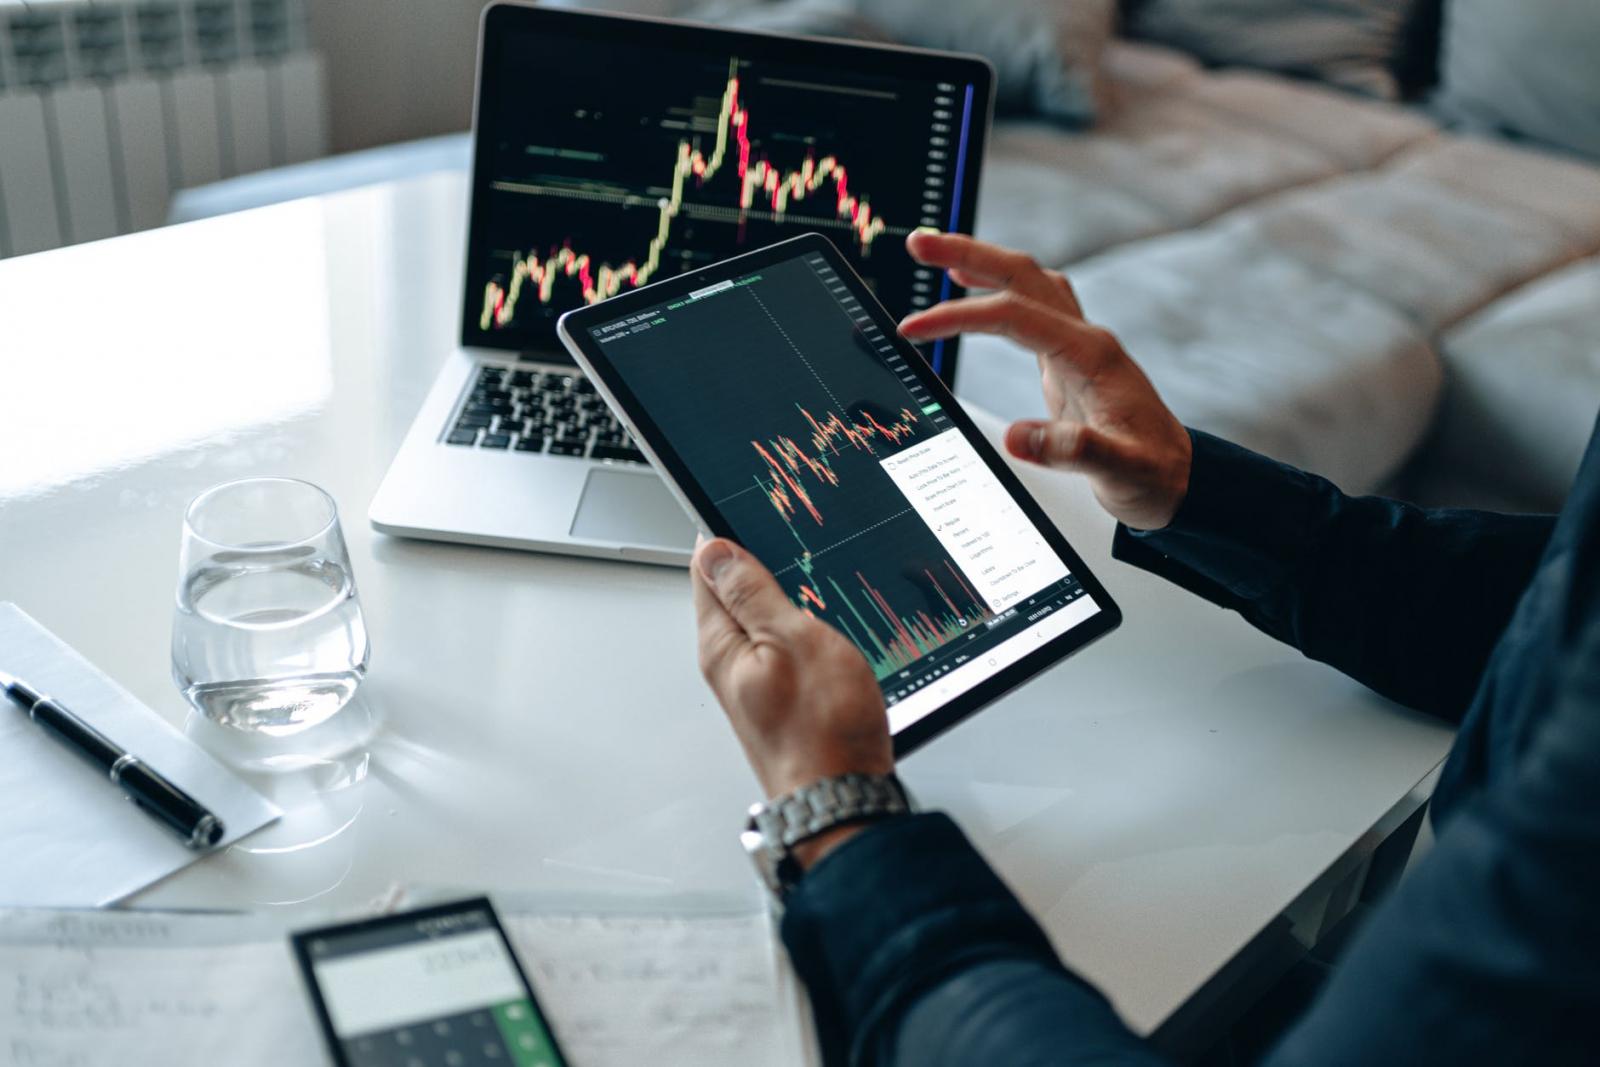 【理財專知】什麼是NFT非同質化代幣?3分鐘認識它